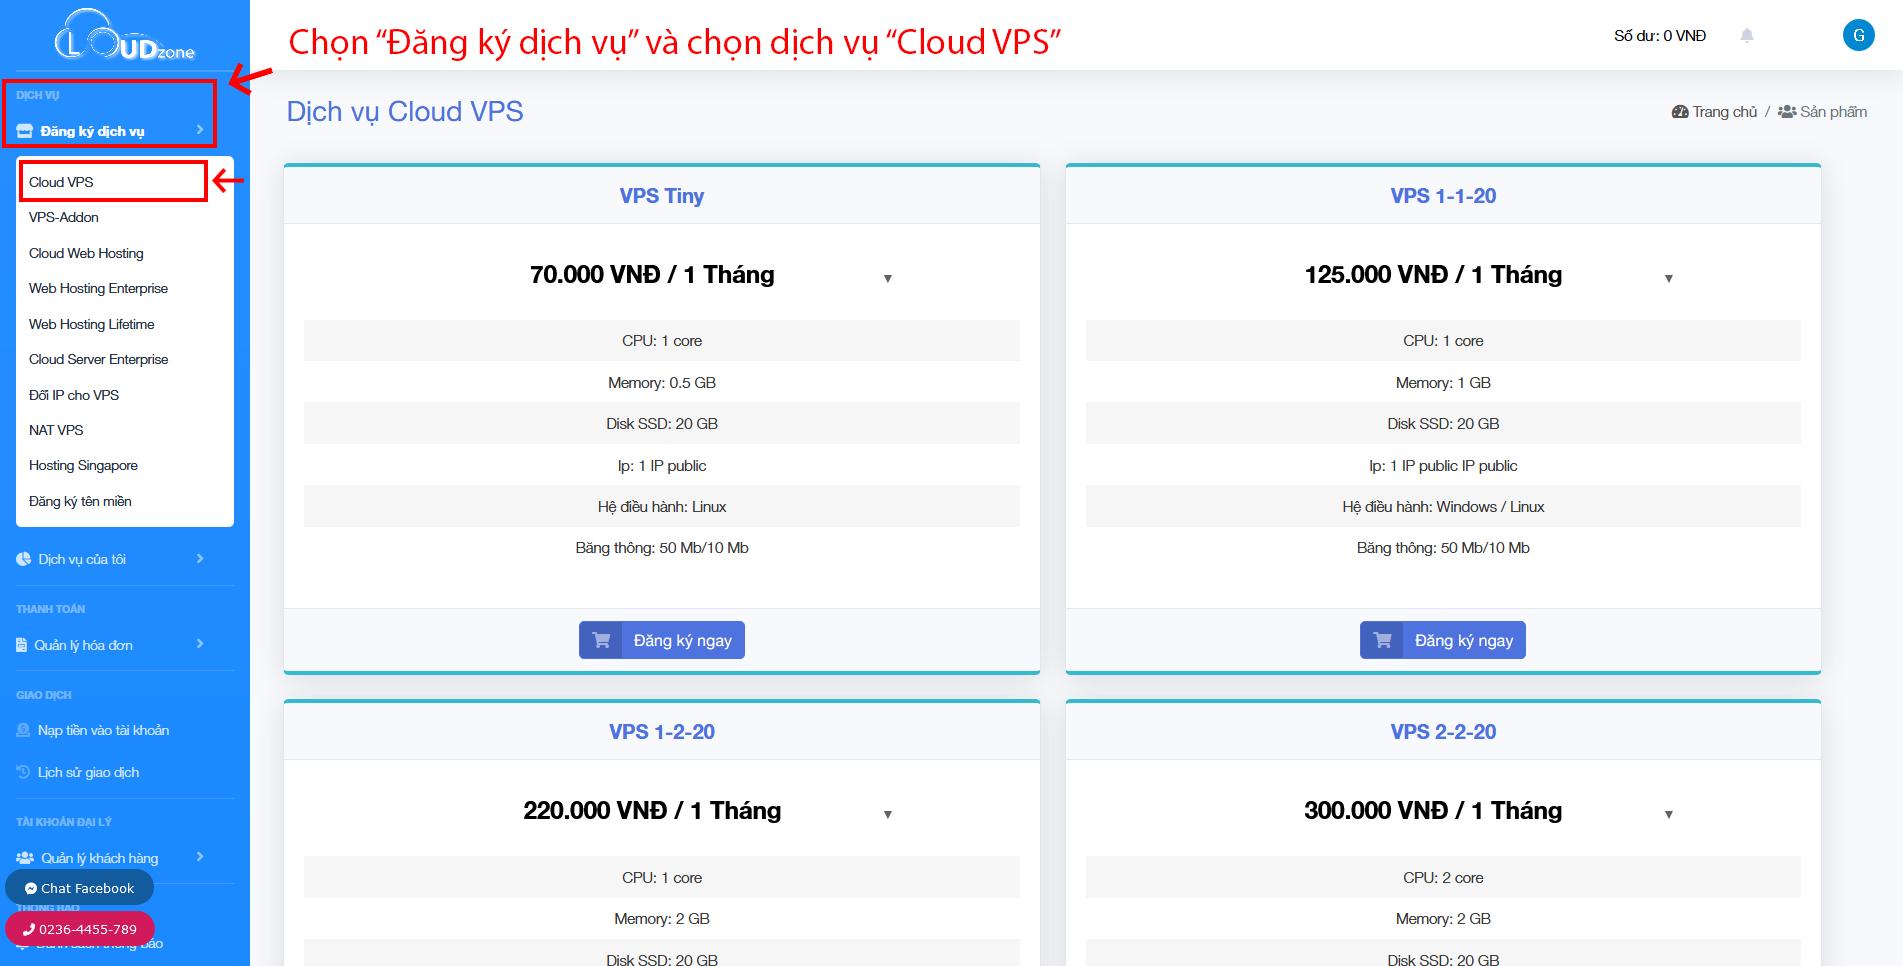 Giao diện đăng ký Cloud VPS